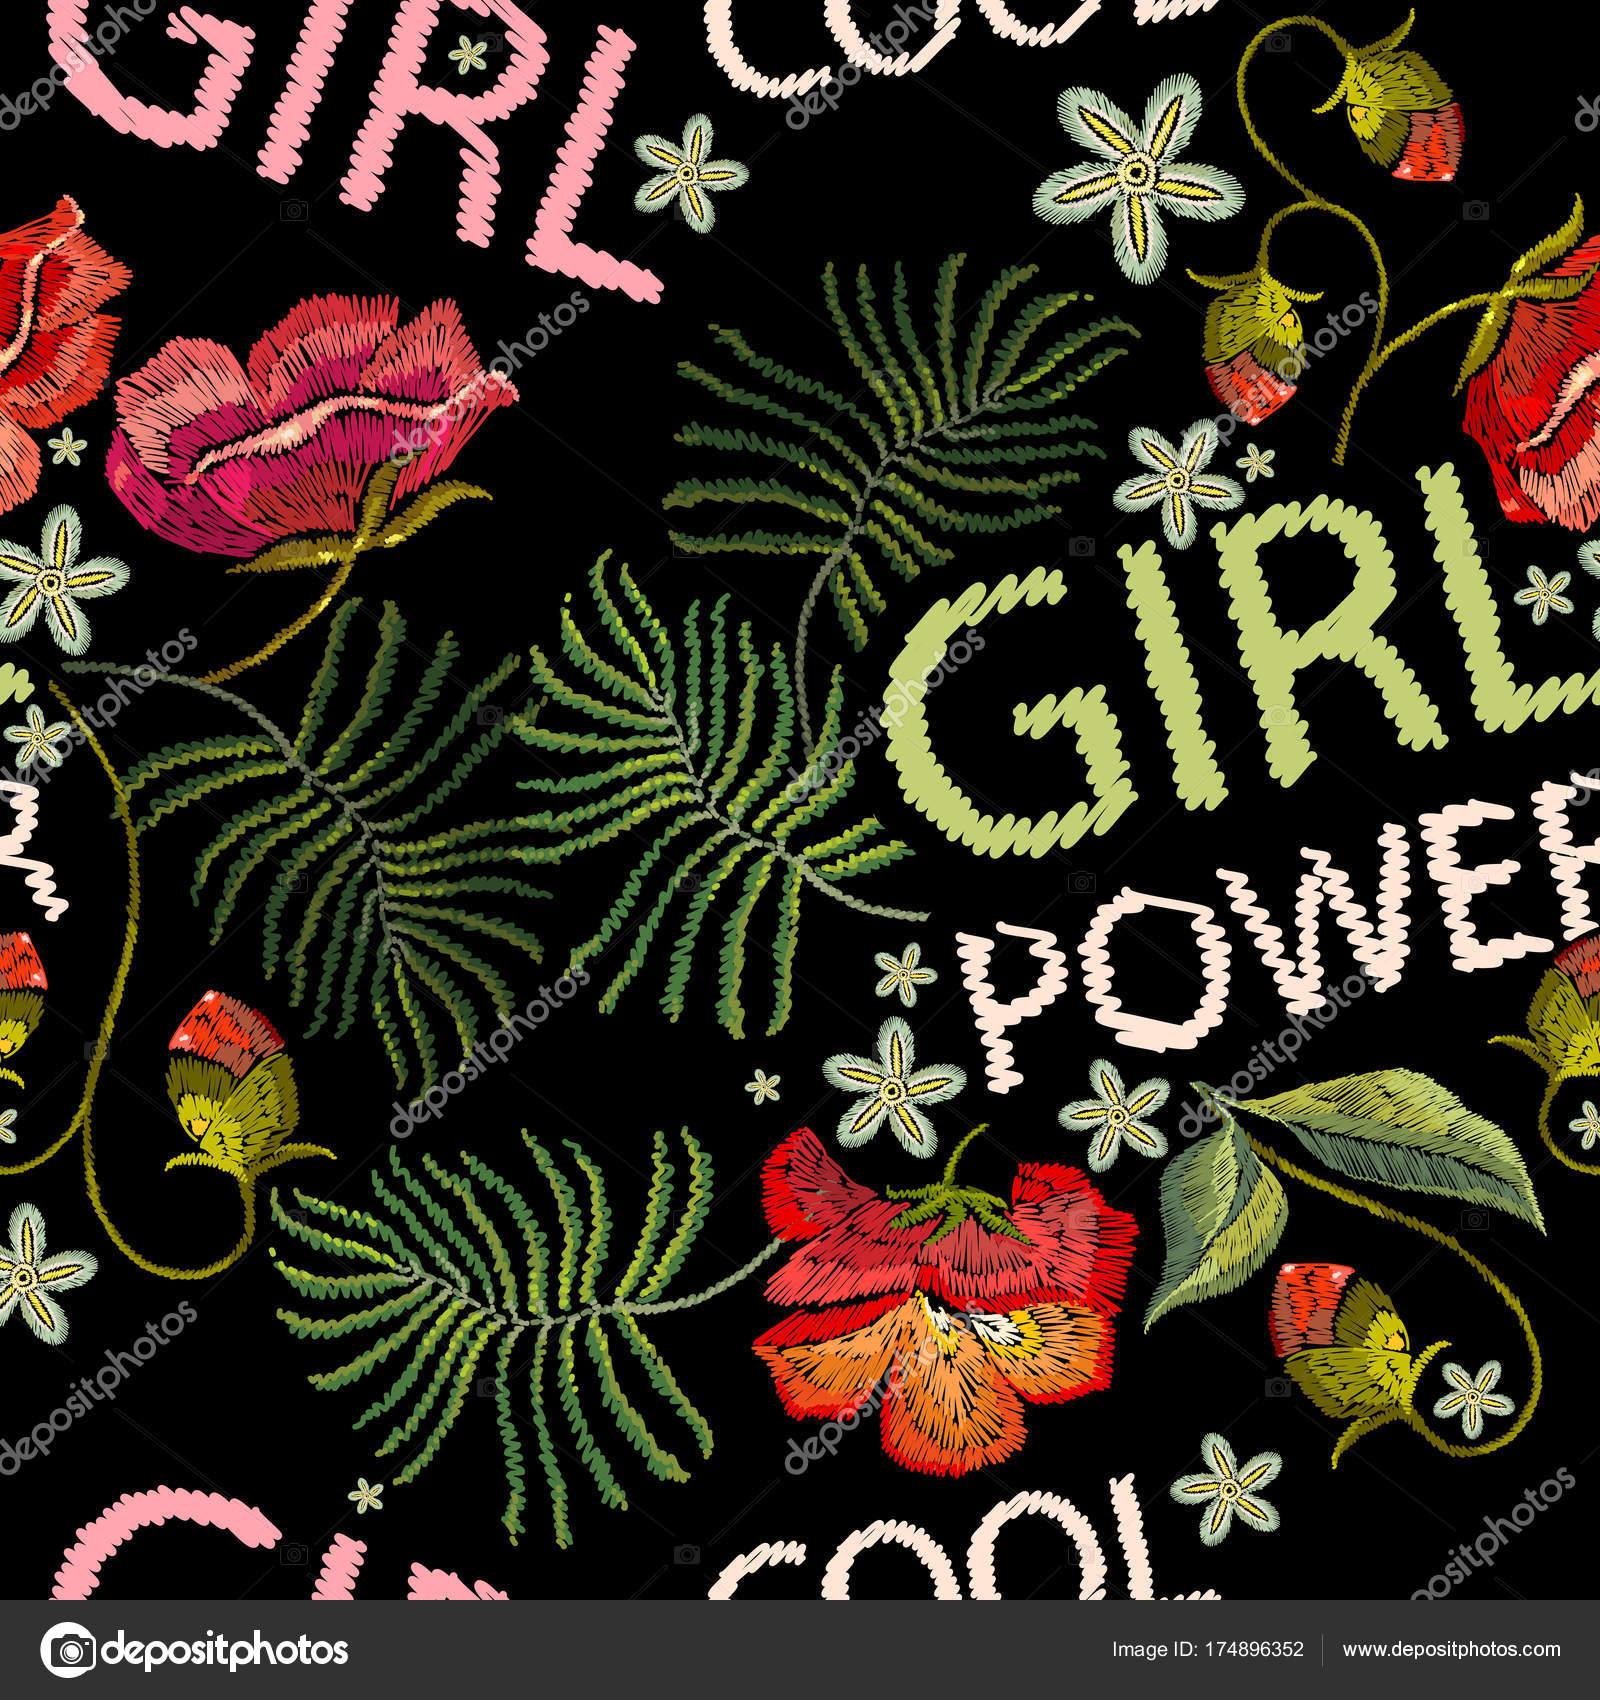 Bordado amapolas flores camiseta diseño de patrones sin fisuras ...